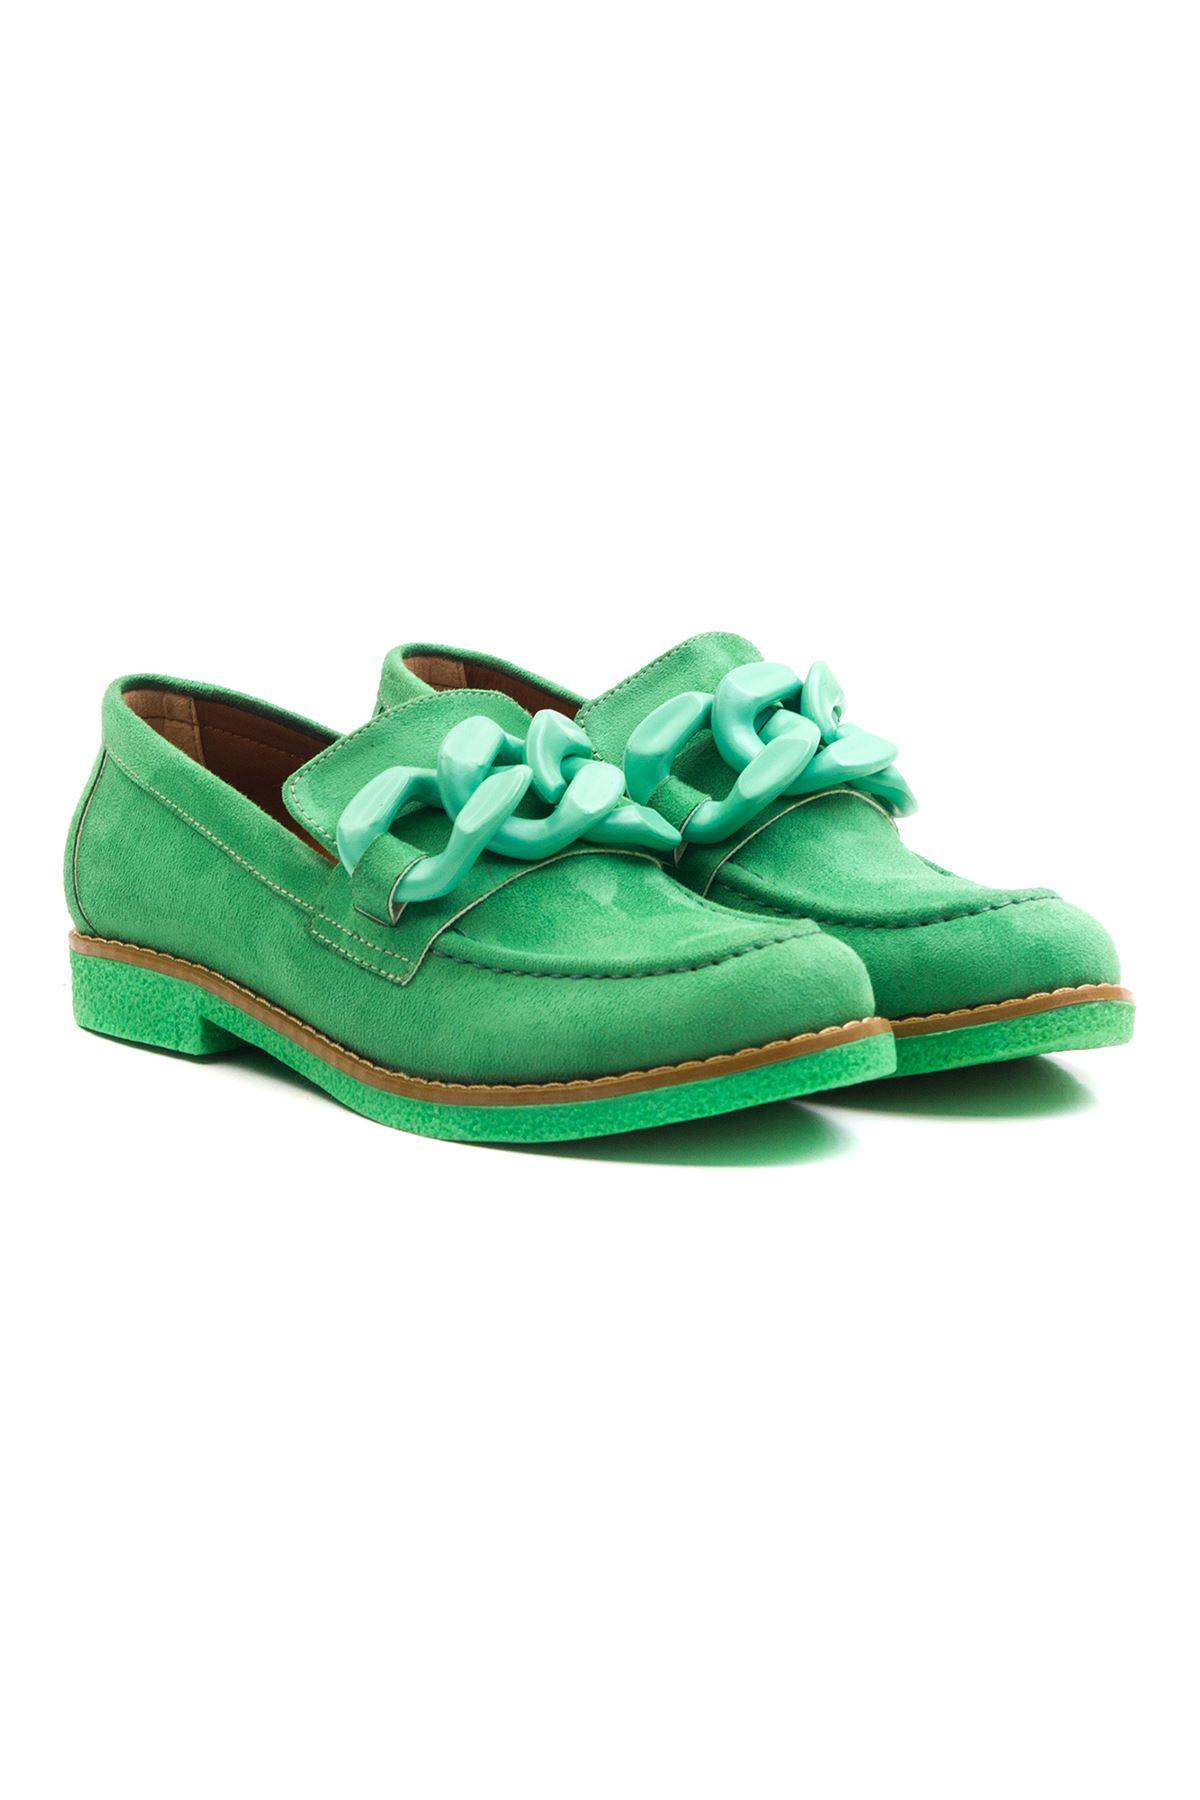 Violaces Kadın Ayakkabı Yeşil Süet Yeşil Taban